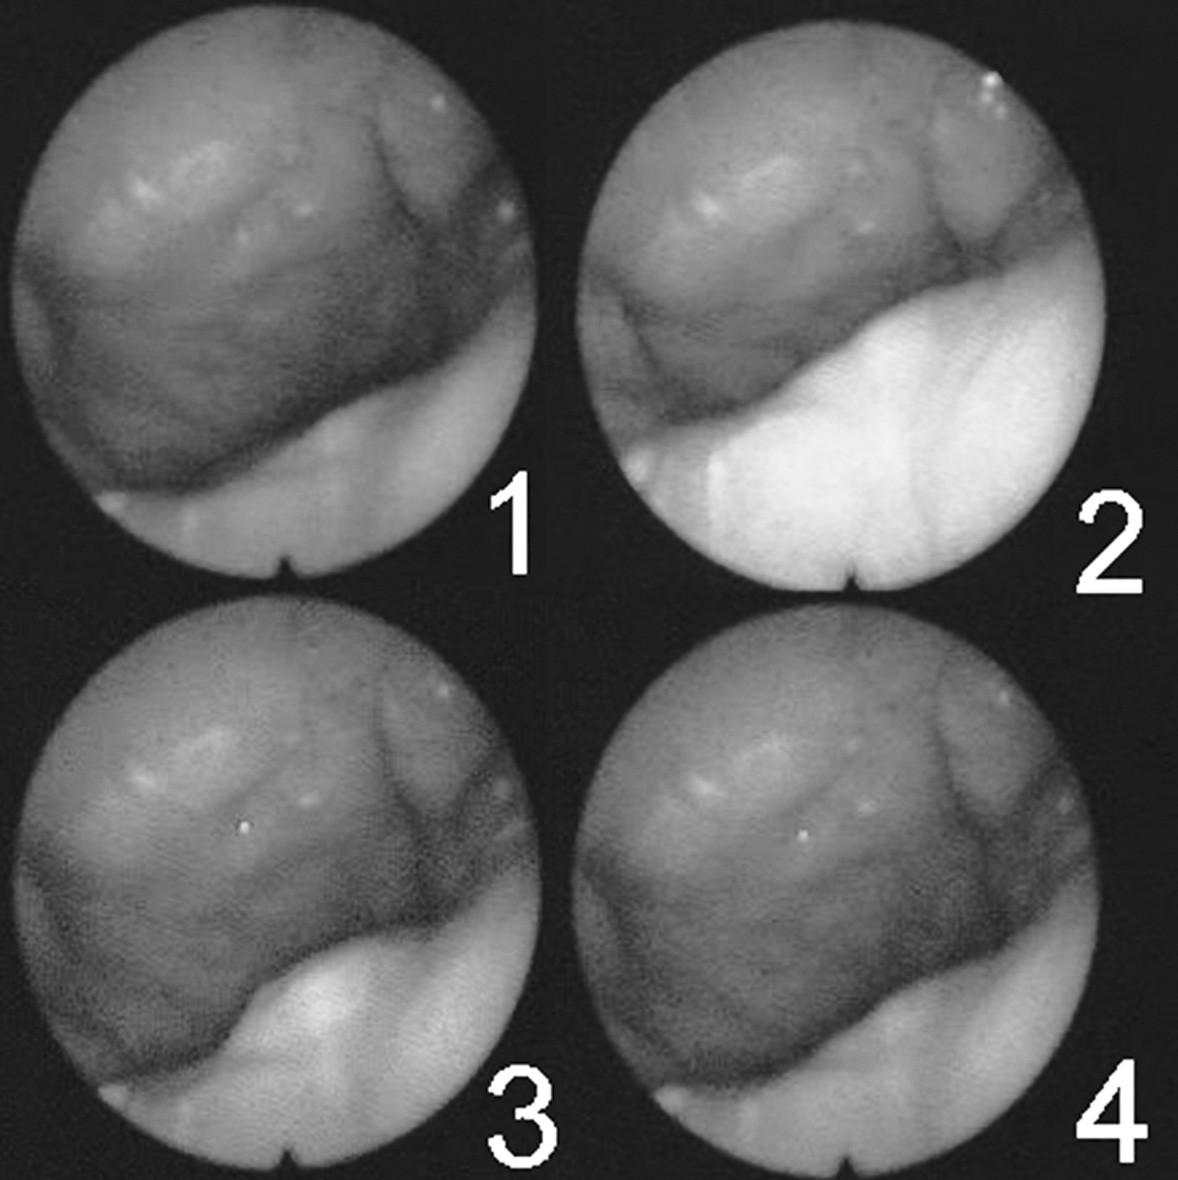 Série snímků zachycující pohyby velofaryngeálního uzávěru během artikulace (maximum uzávěru představuje číslo 3).